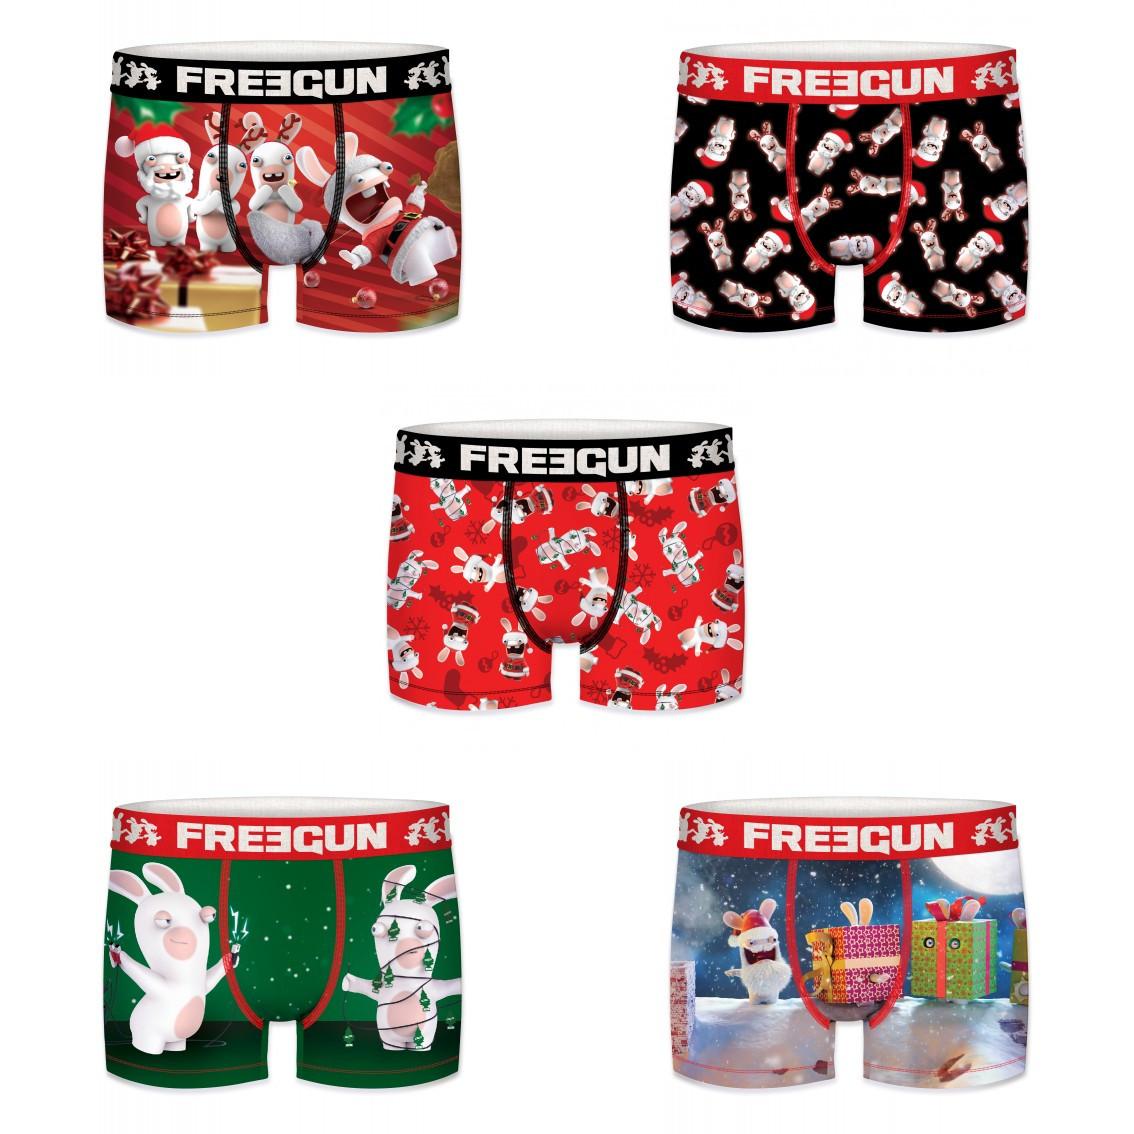 Lot de 5 boxers homme freegun lapins crétins christmas multicolore (photo)